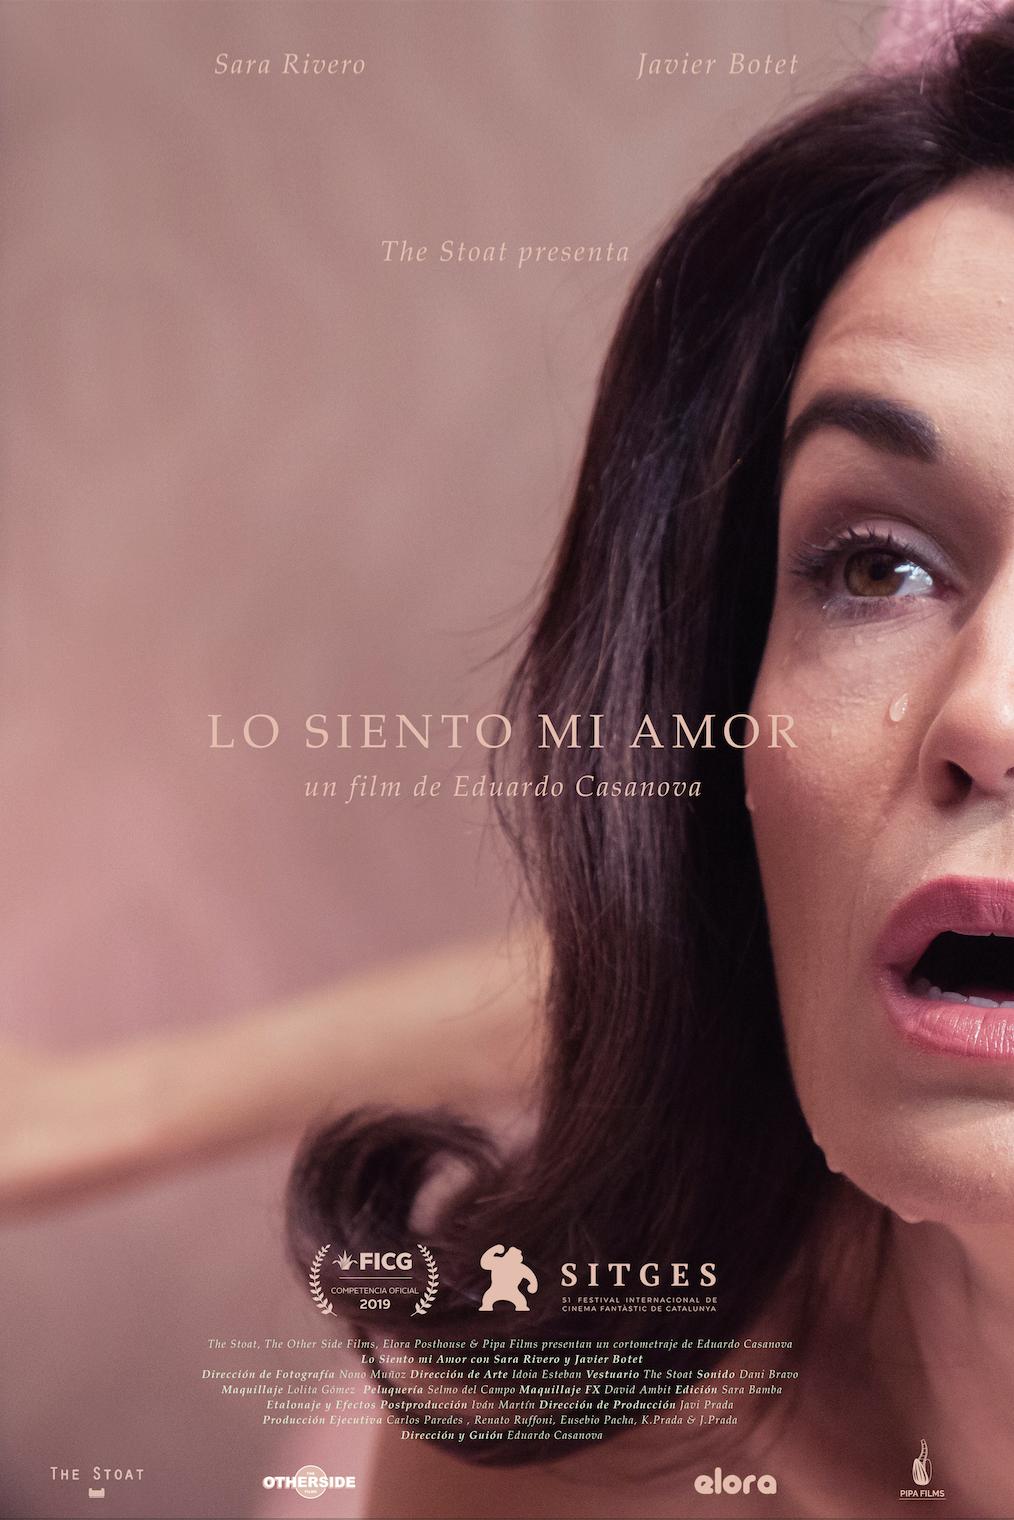 Lo siento mi amor - Sara Rivero